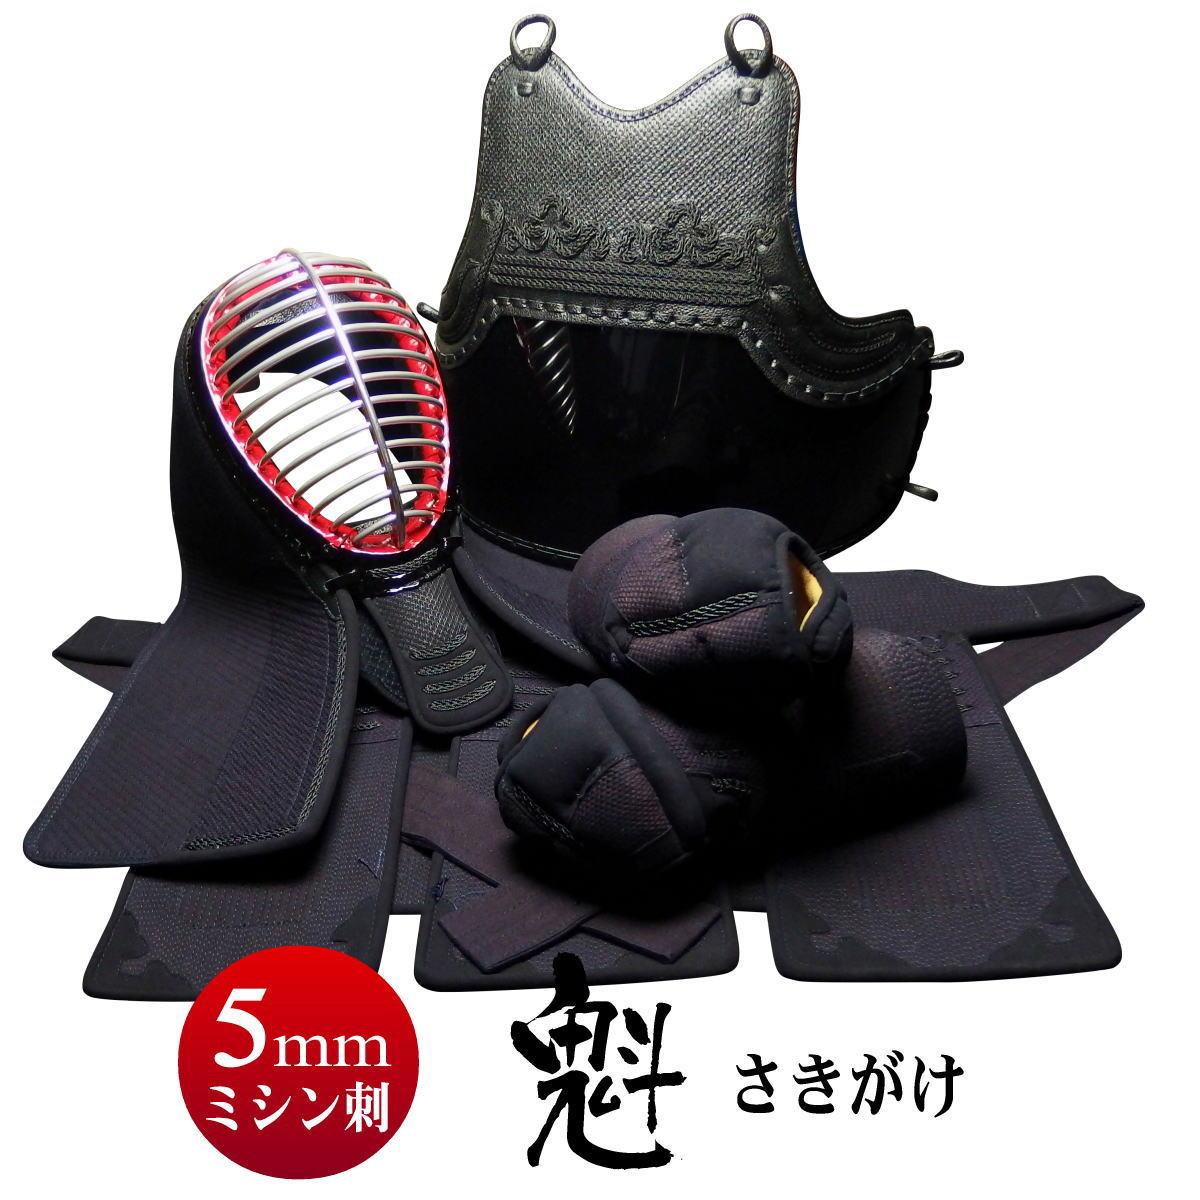 剣道 防具セット 魁 濃紺刺 5mm機械刺